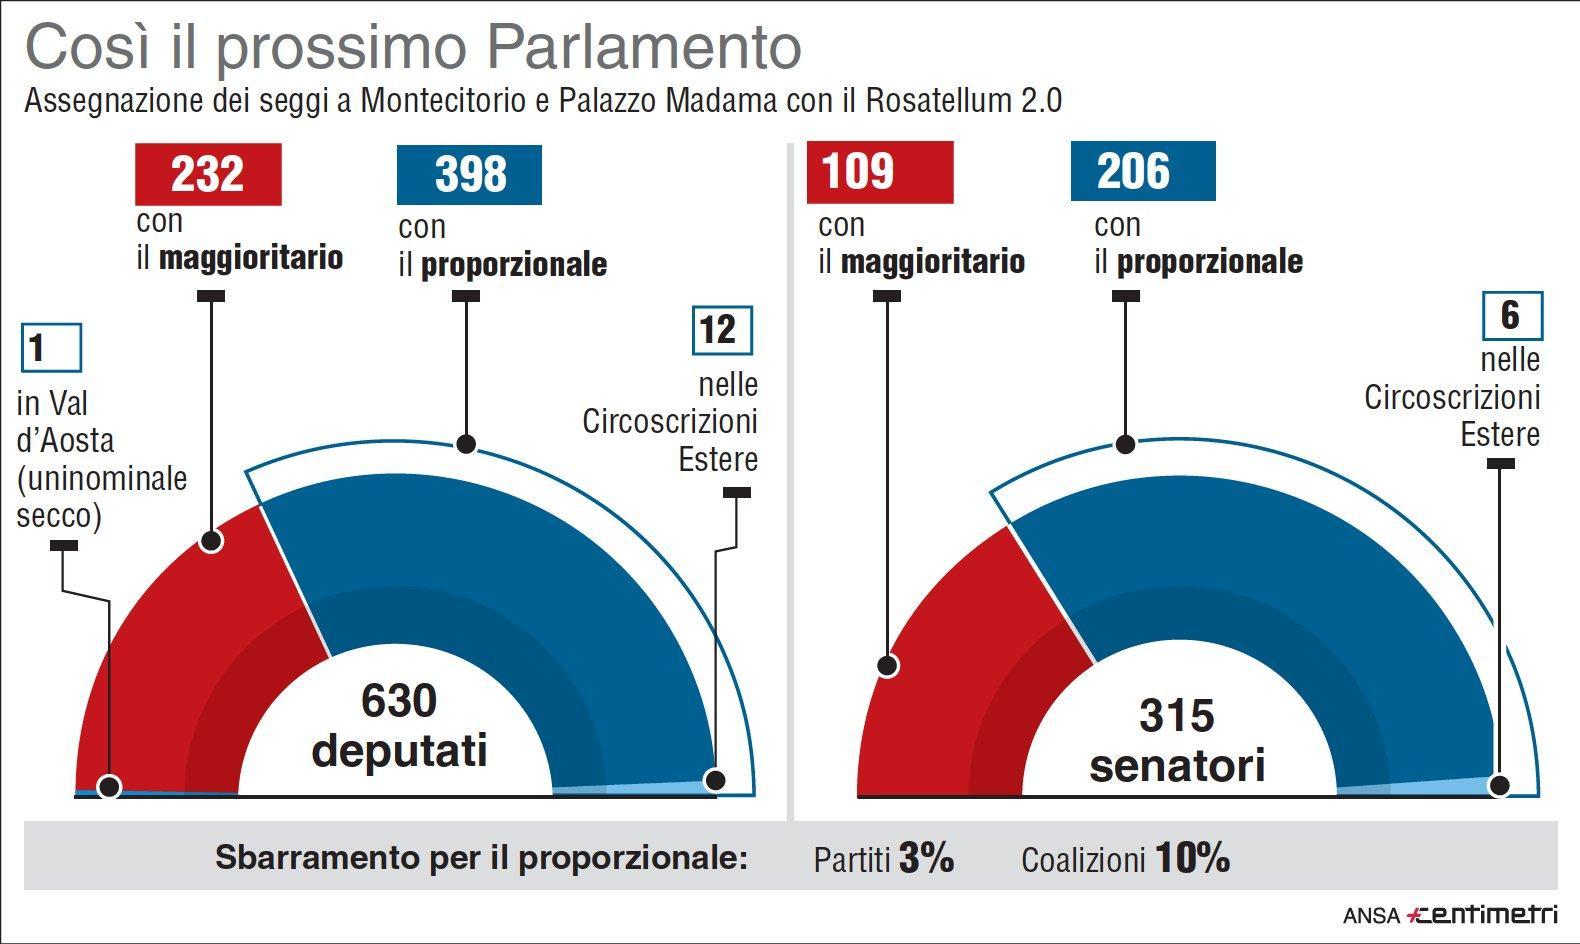 Ecco come si vota con la nuova legge elettorale che for Camera dei deputati composizione